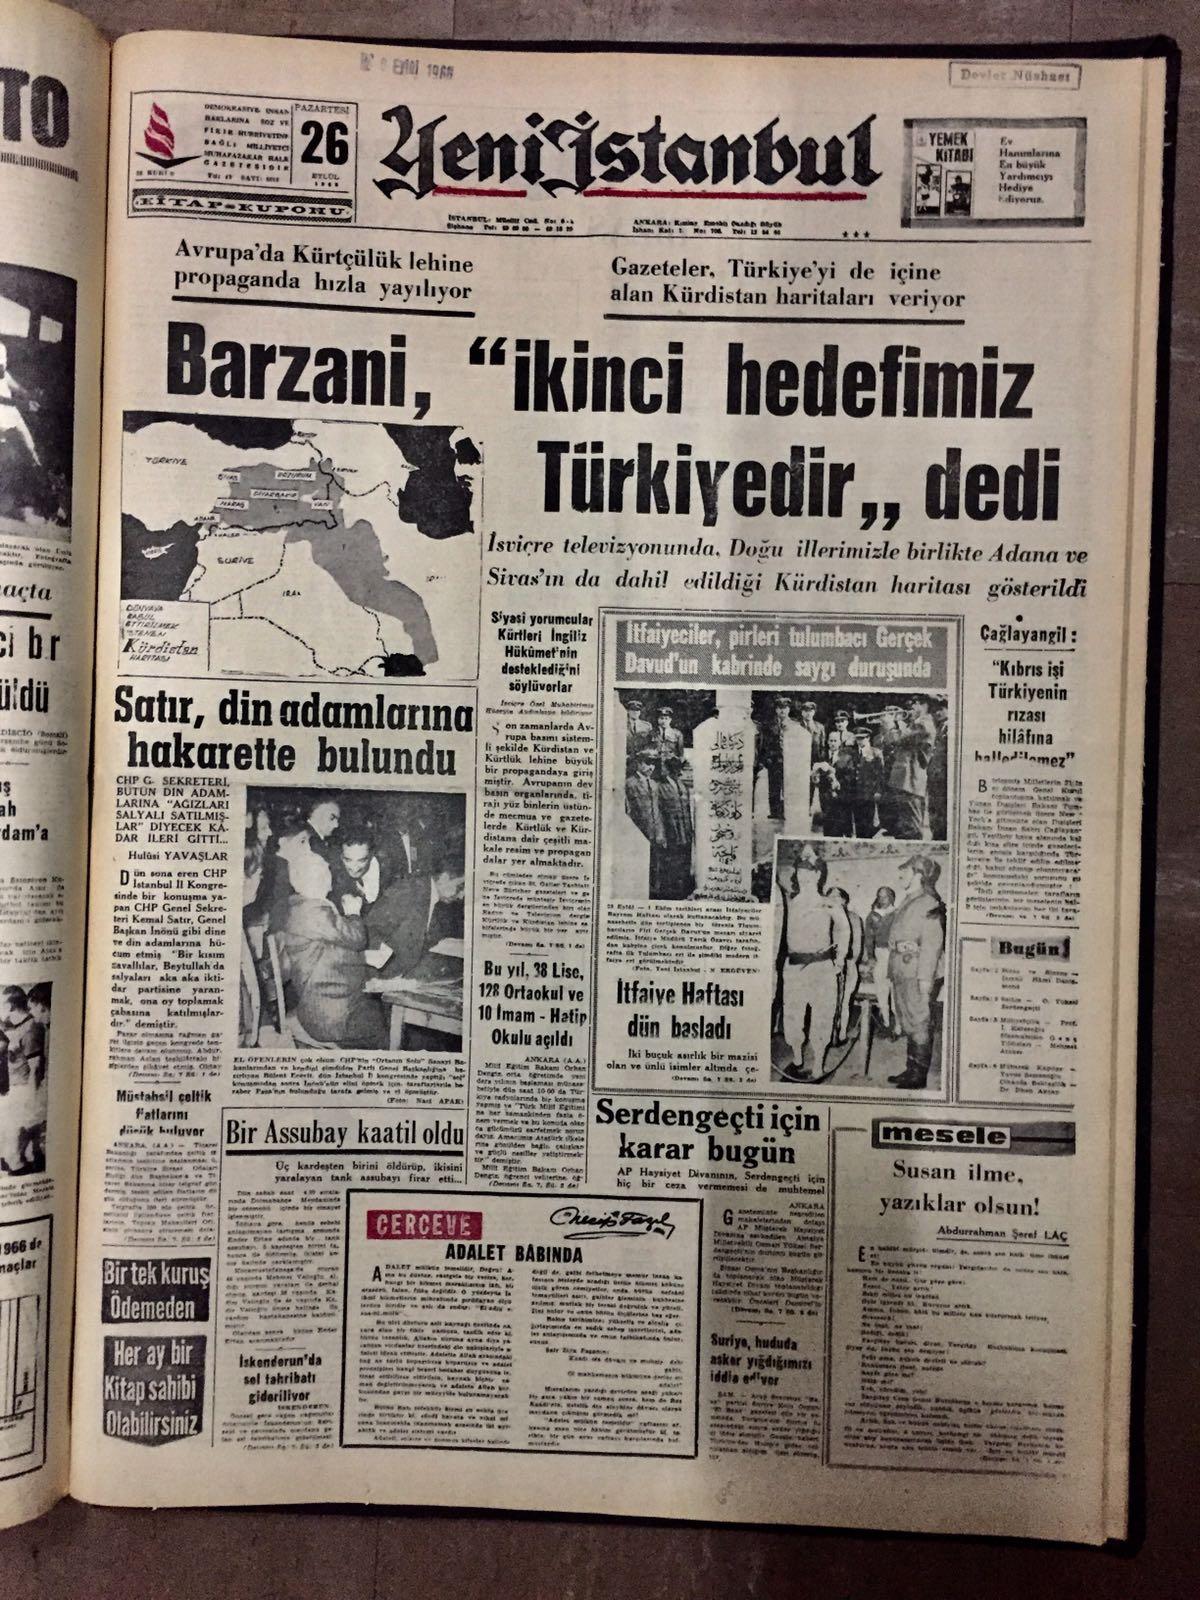 barzaninin ikinci hedefimiz türkiyedir sözü